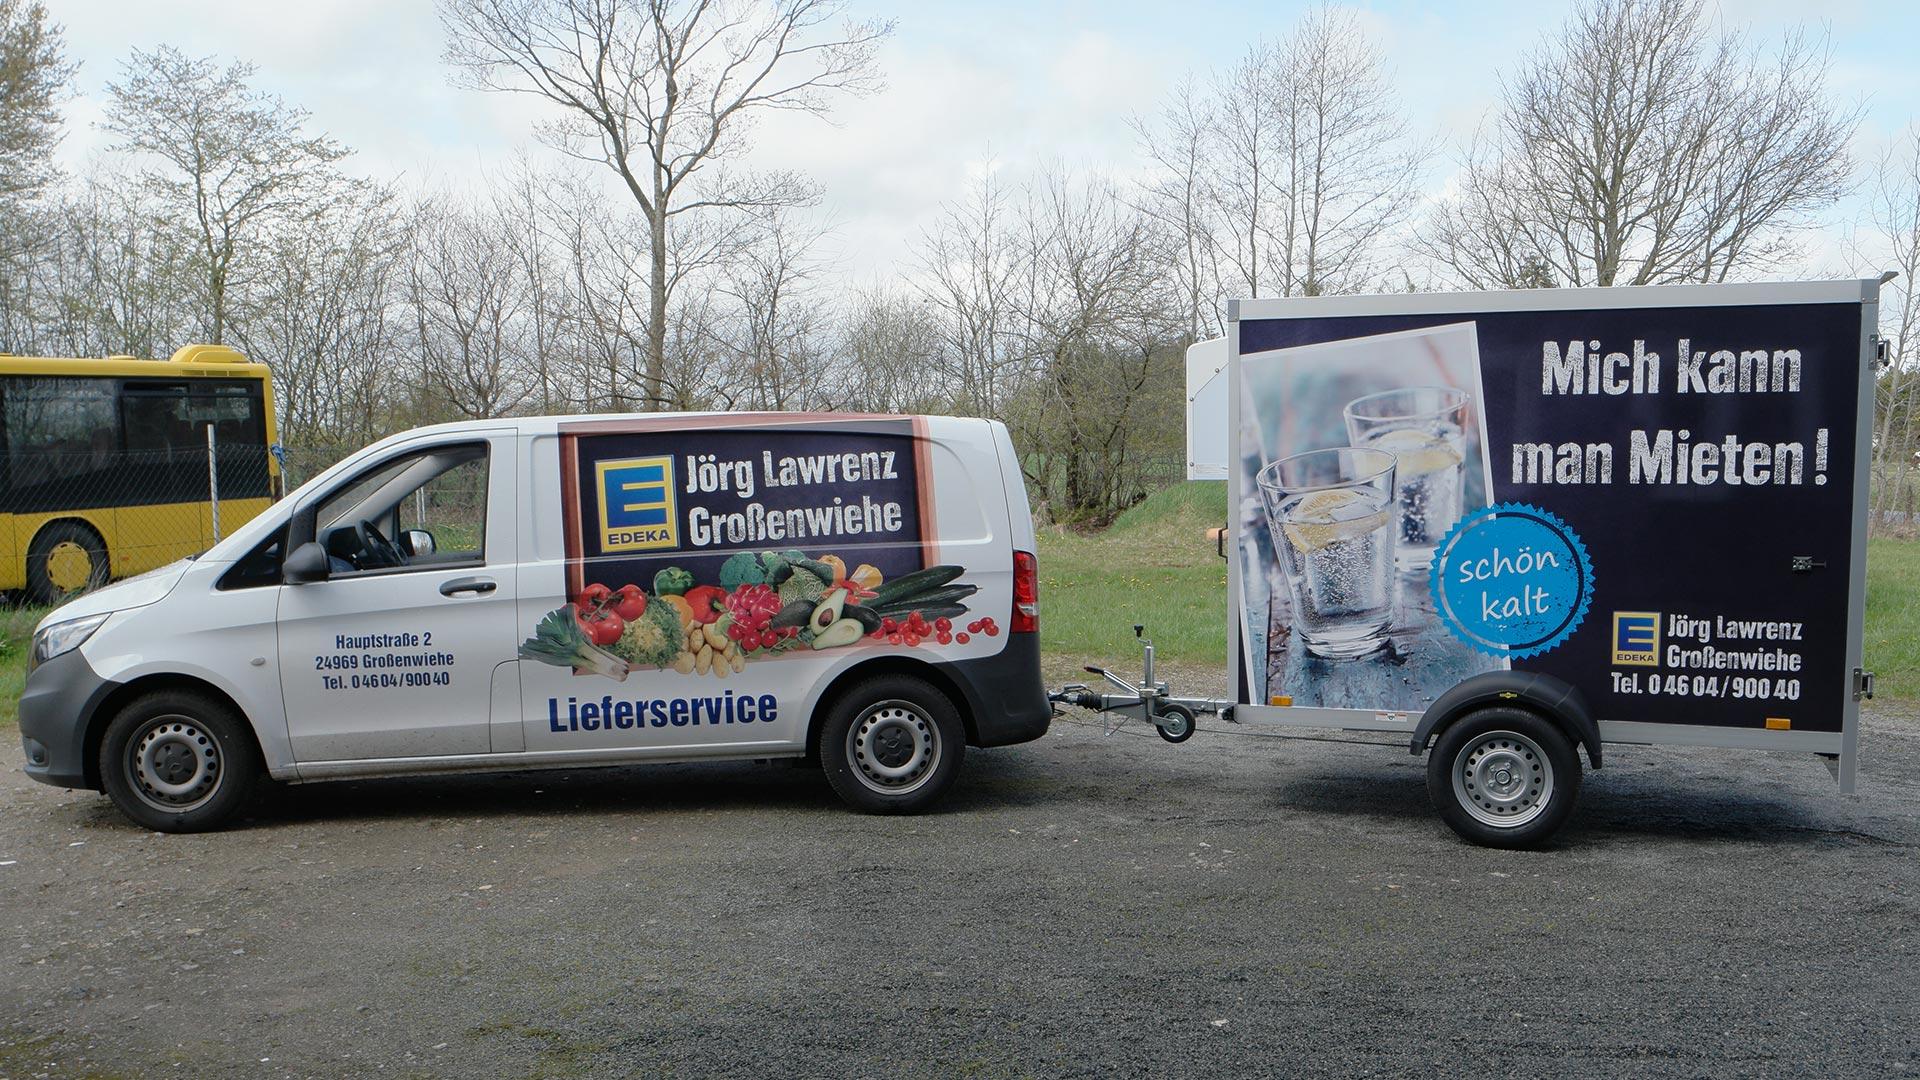 Auto- und Hängerbeschriftung EDEKA Lawrenz Großenwiehe